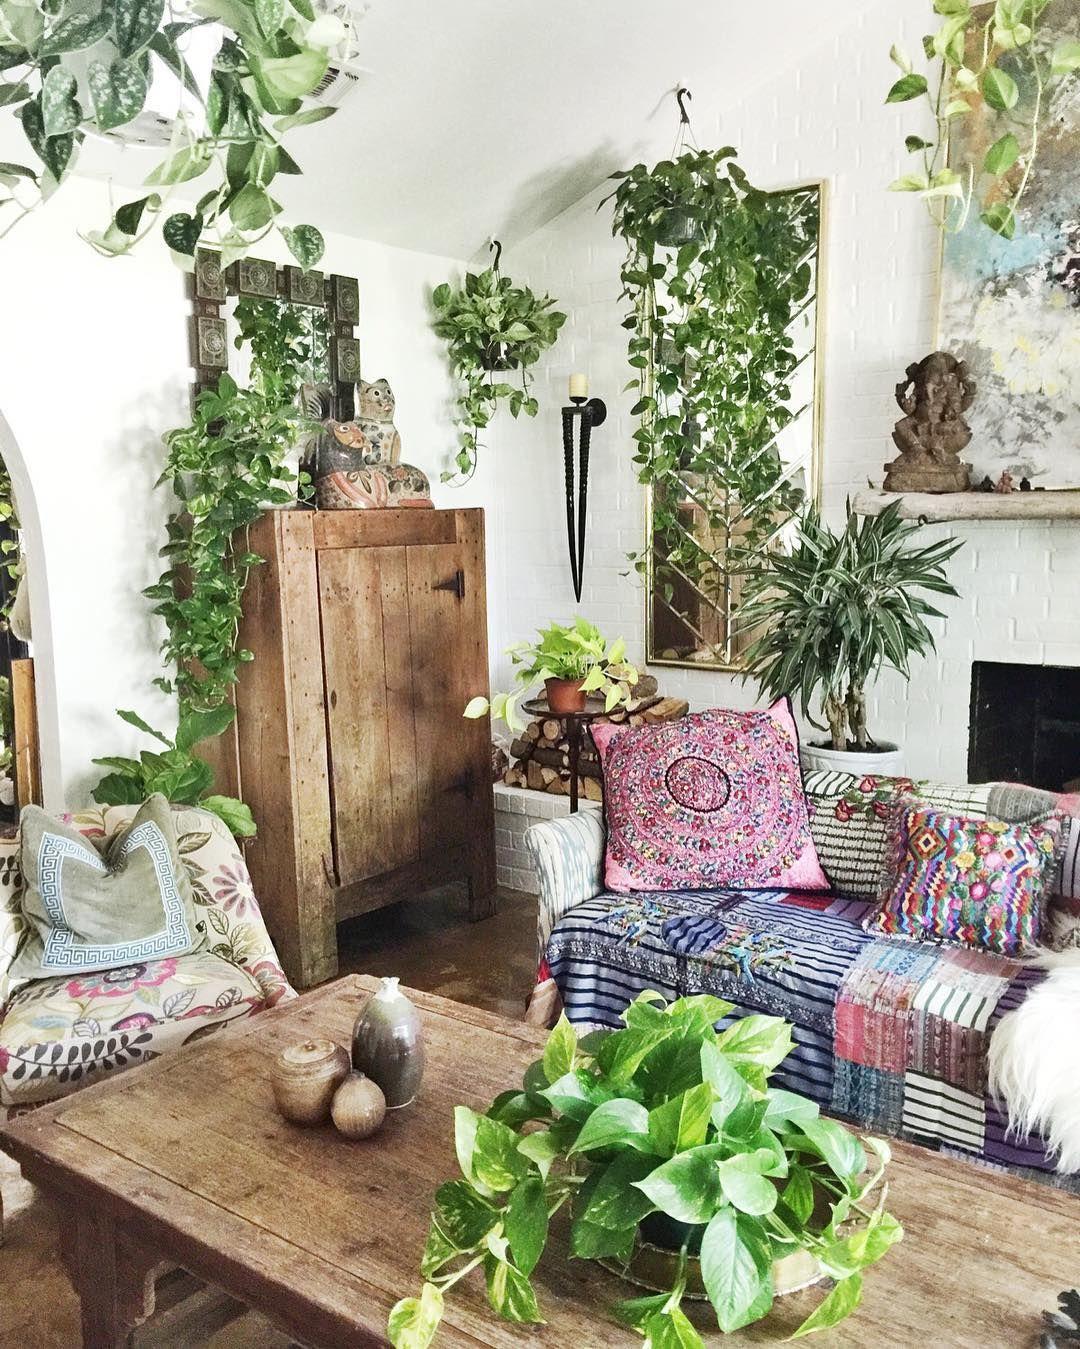 Pflanzen holz rustikal abet auch schlicht living for Design zimmerpflanzen